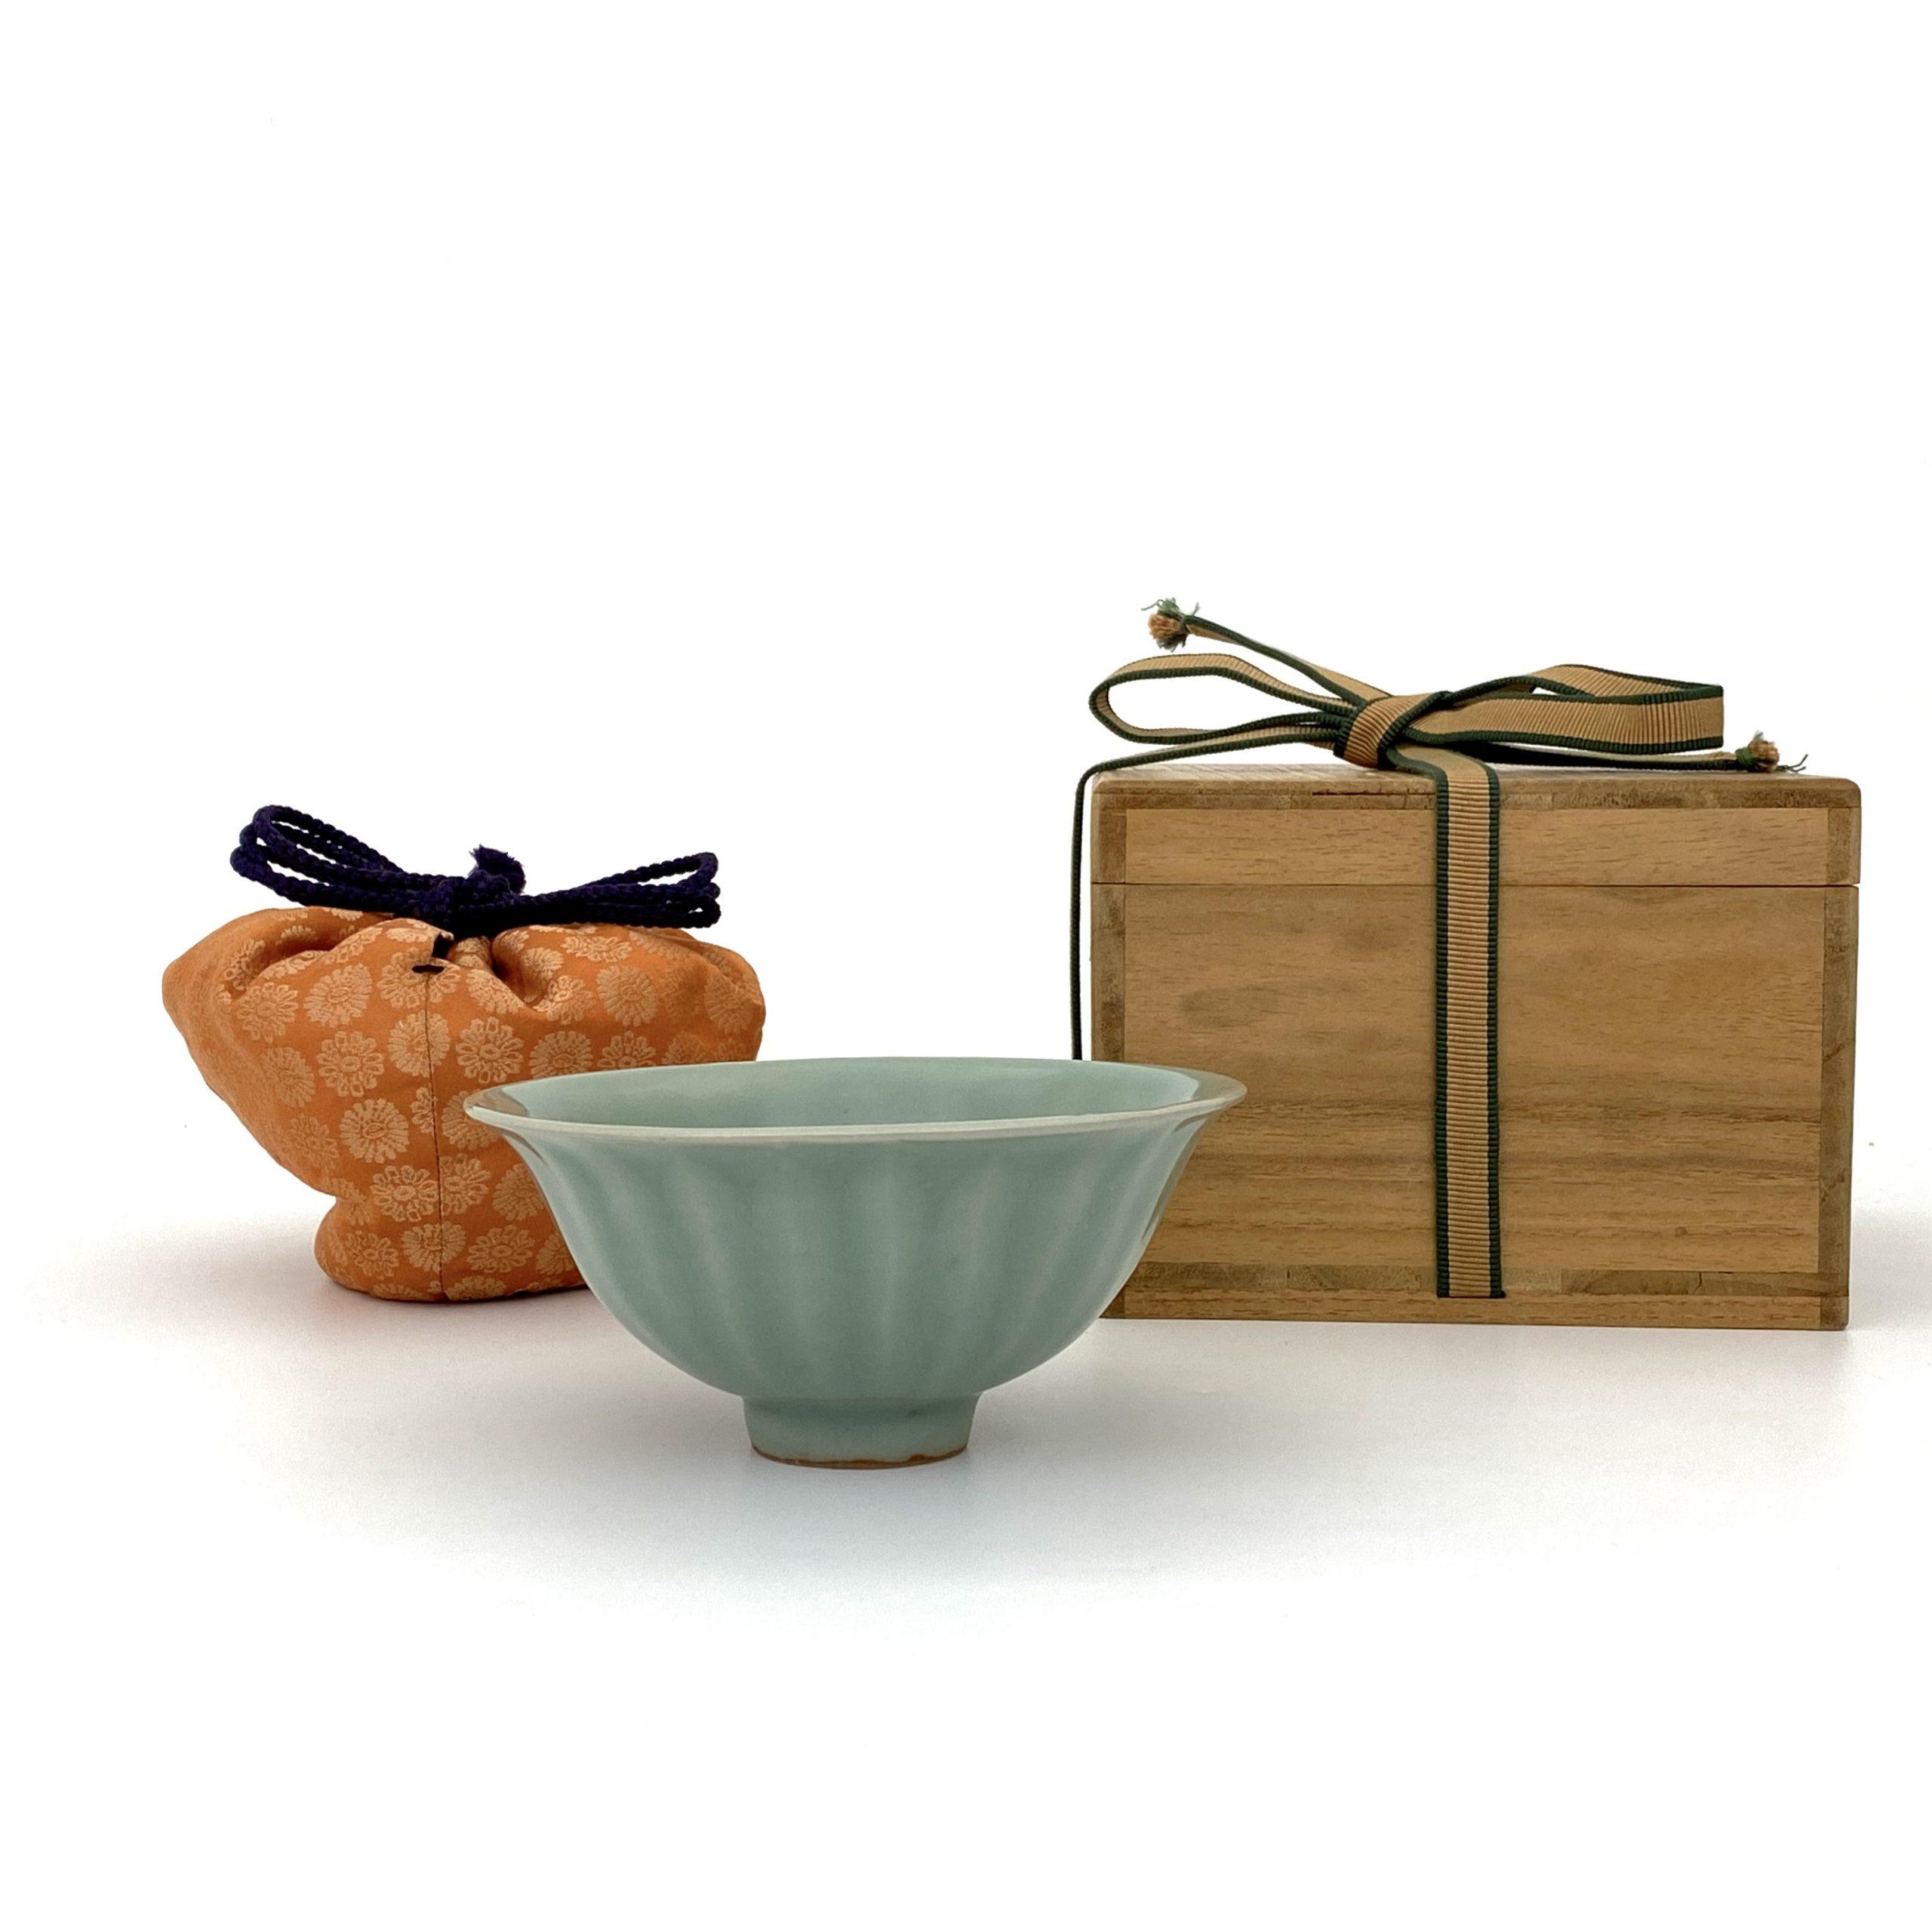 21025南宋 龍泉窯 蓮瓣碗